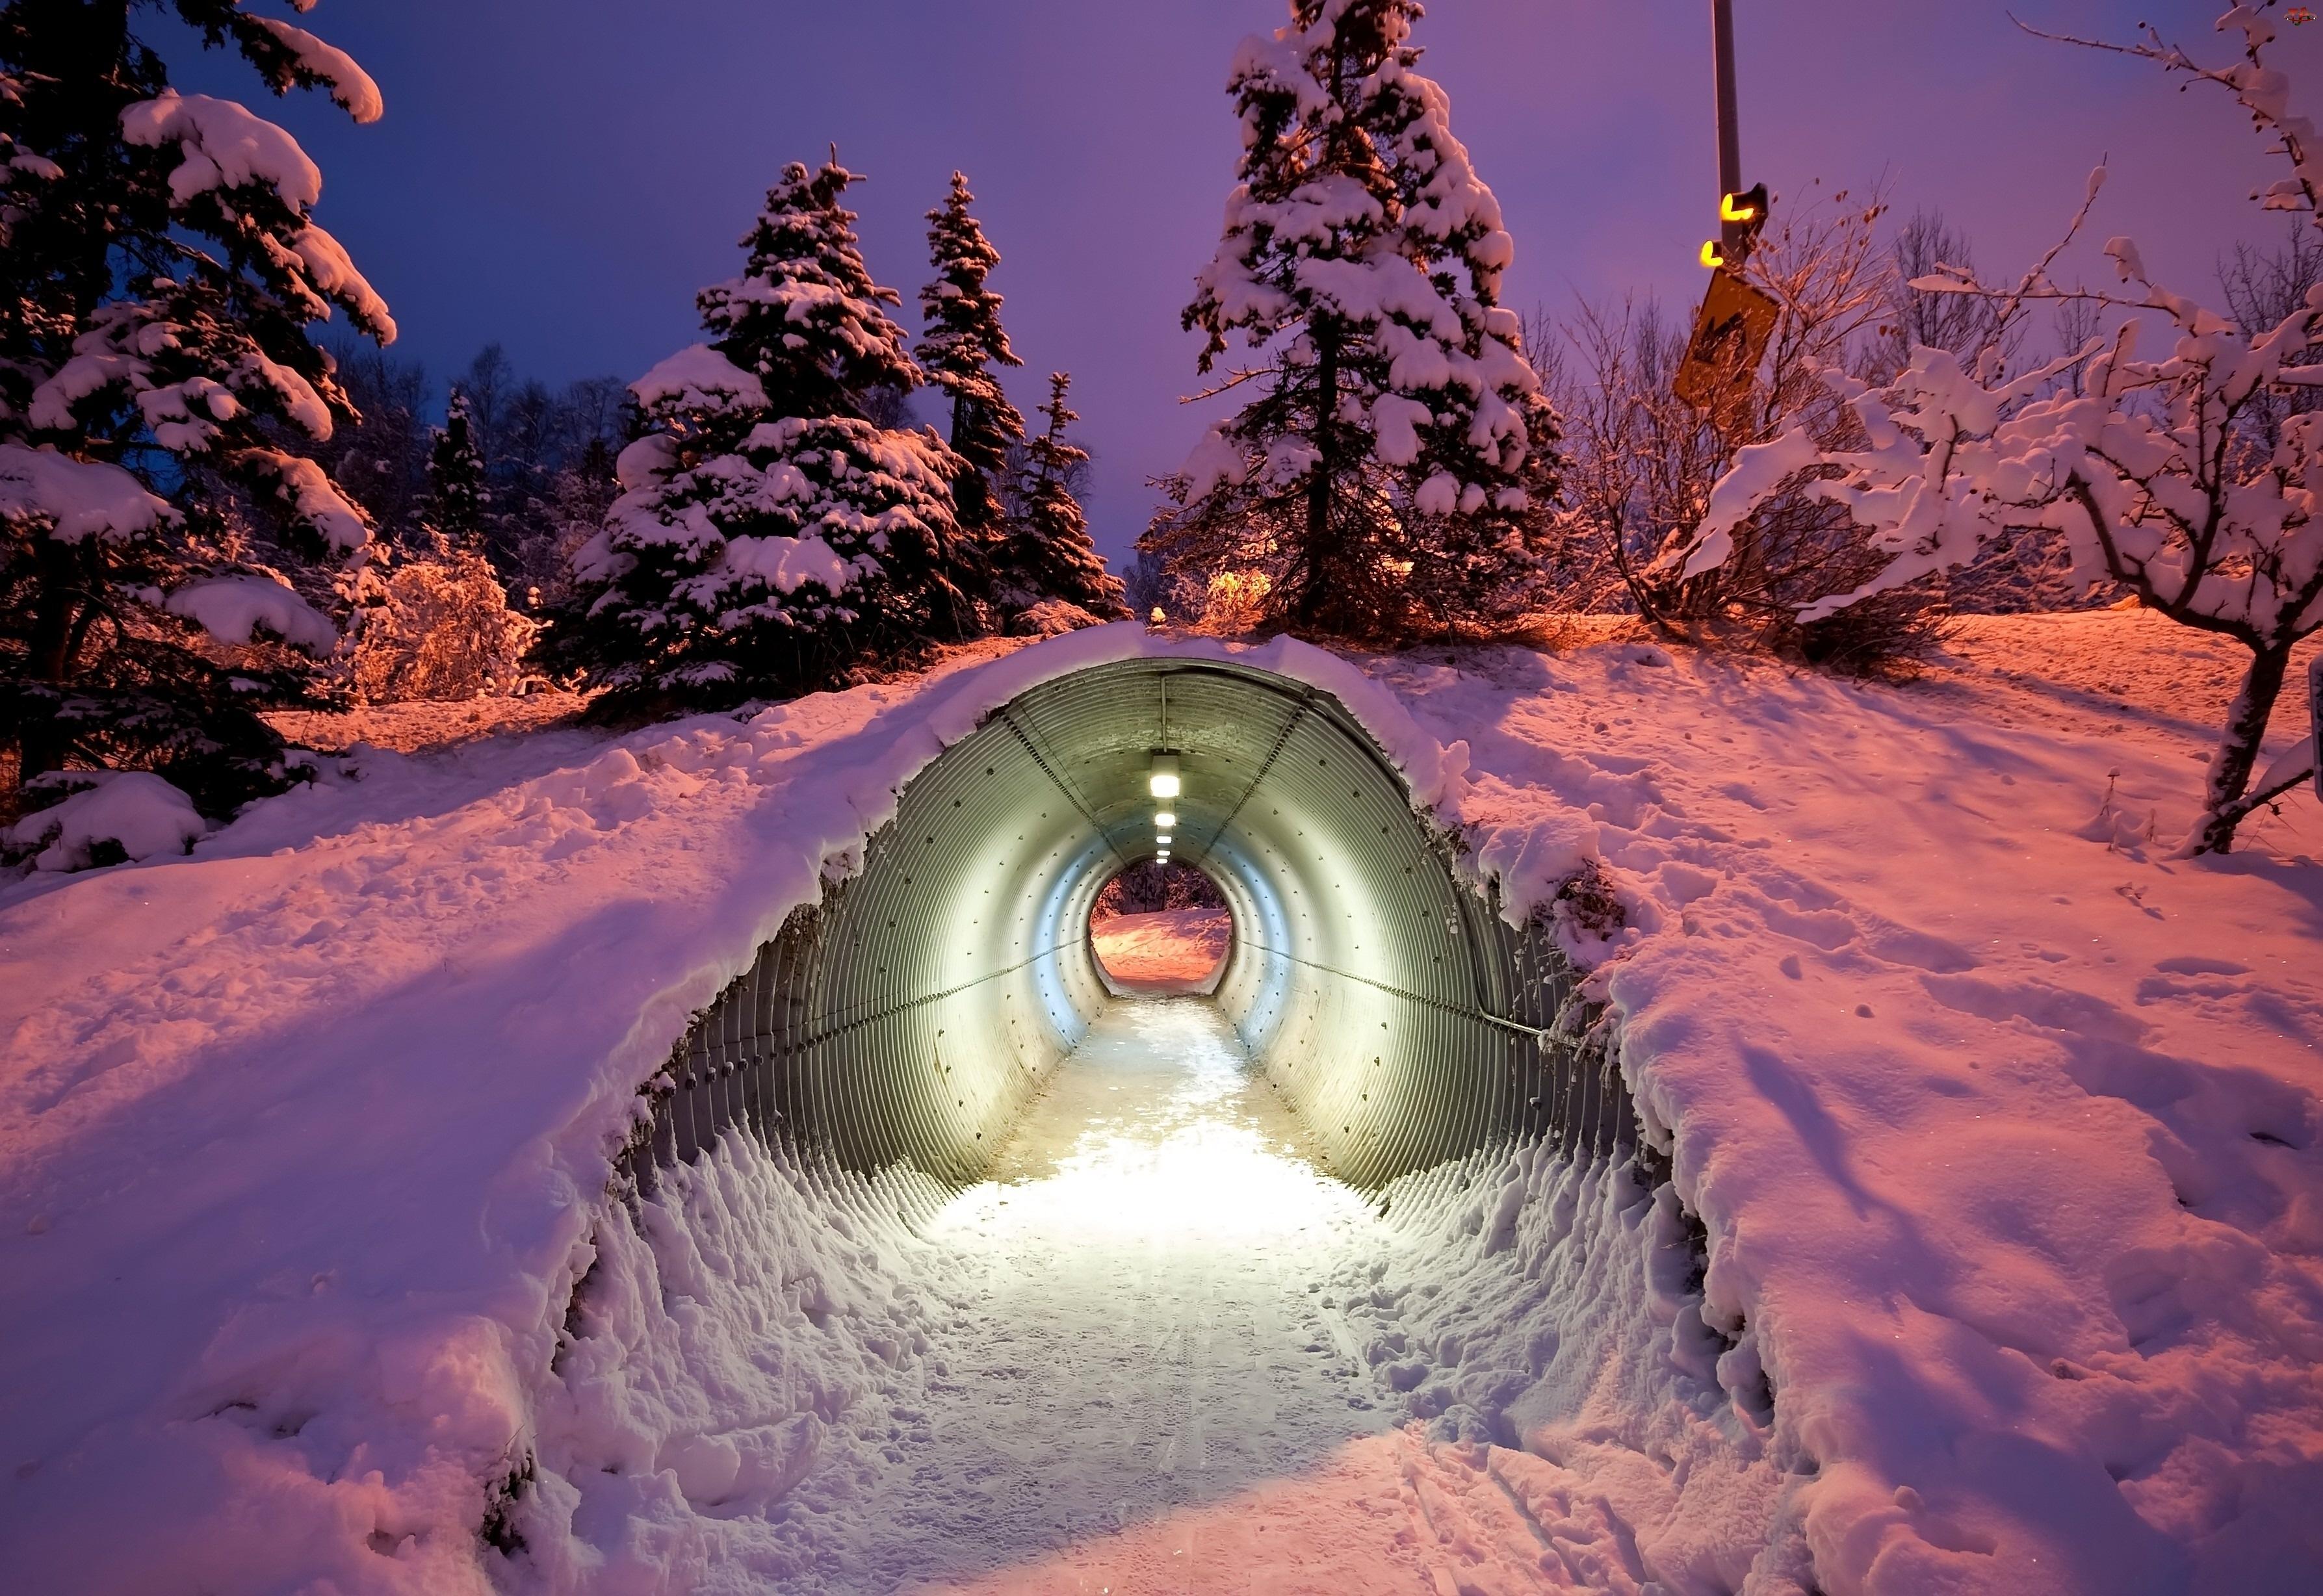 Drzewa, Zmierzch, Tunel, Śnieg